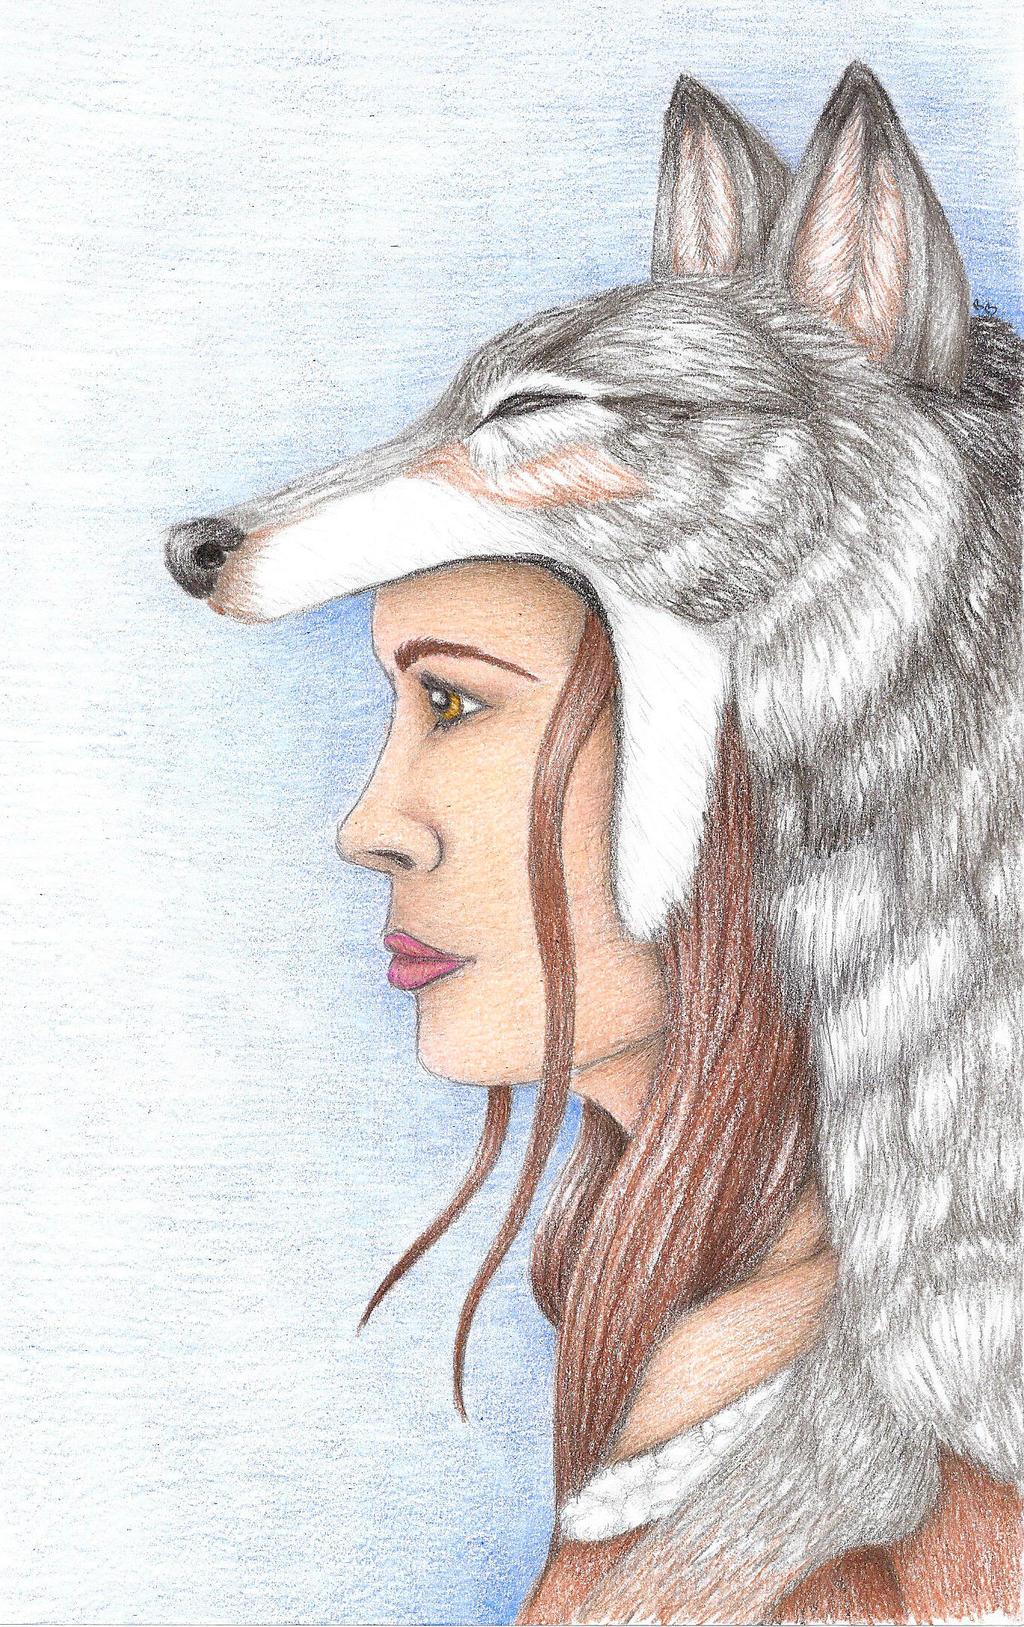 WinterWolf10's Profile Picture